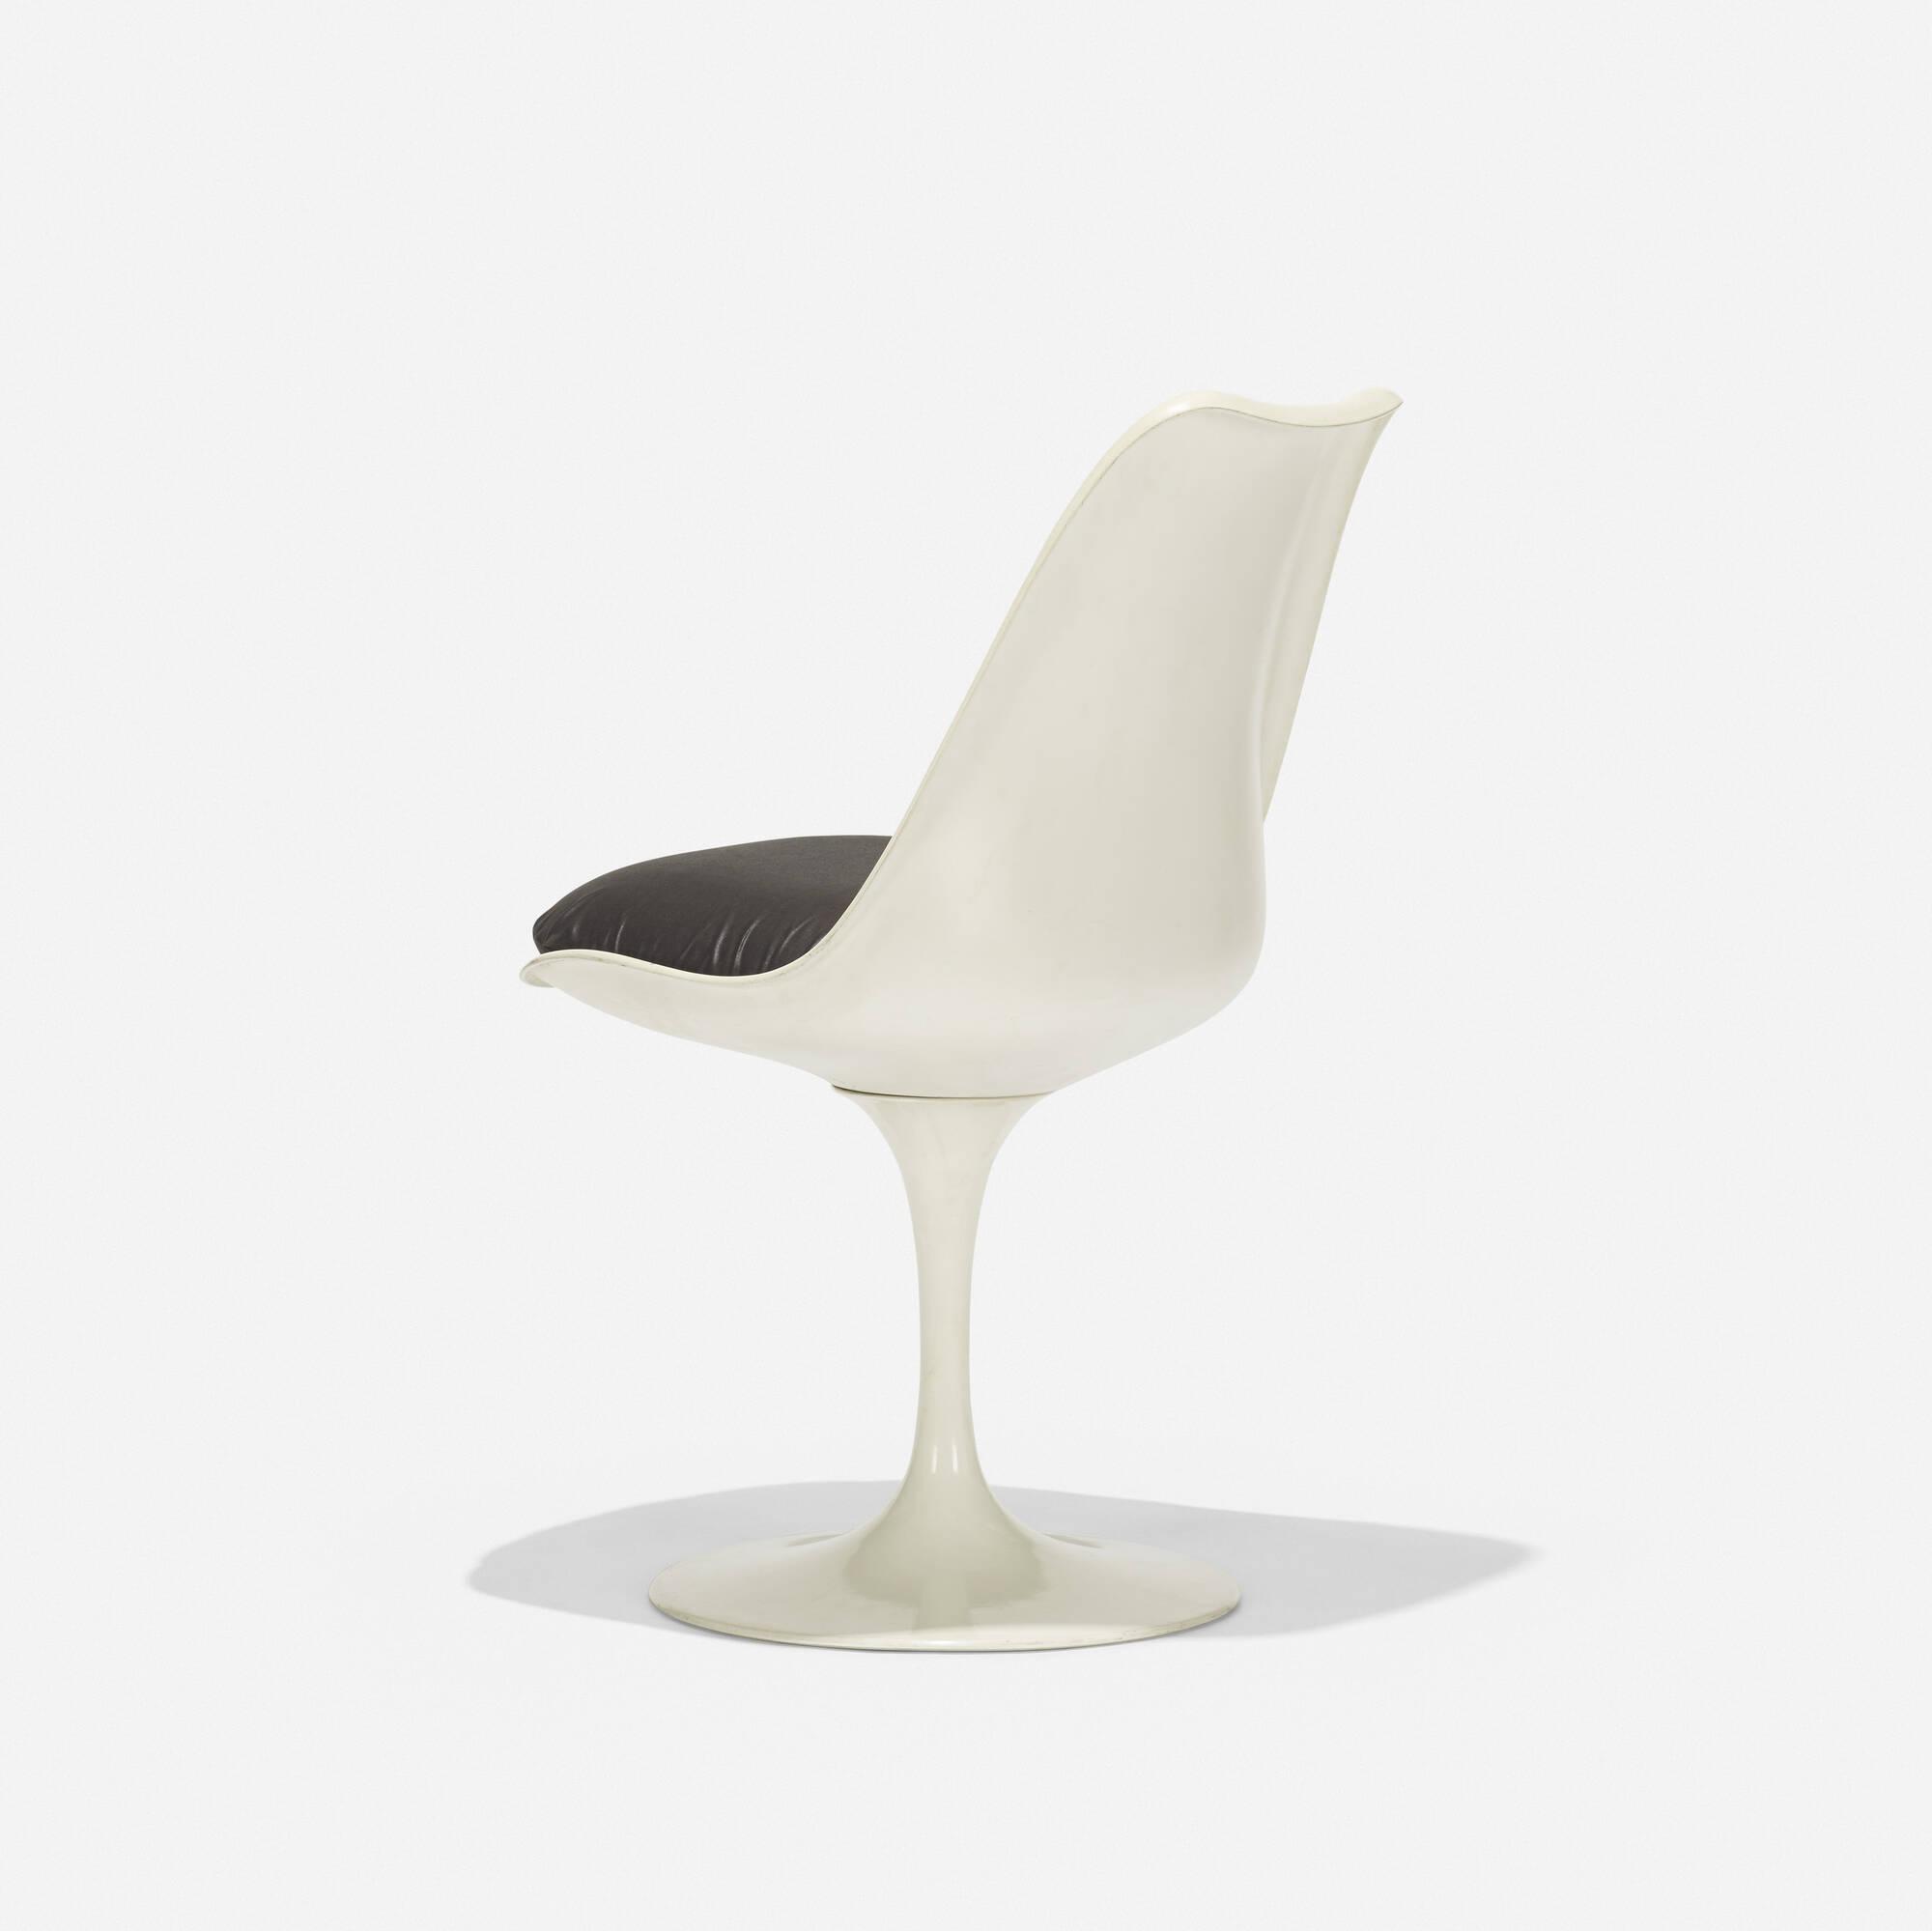 121: Eero Saarinen / Tulip Chair (1 Of 3) ...